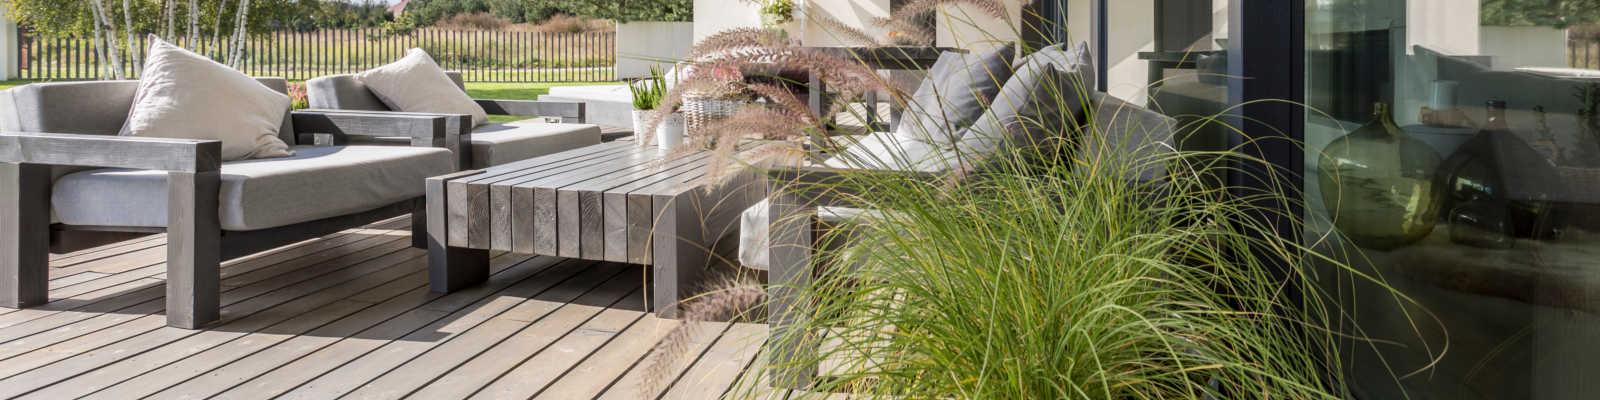 LMT Design - Holzterrassen